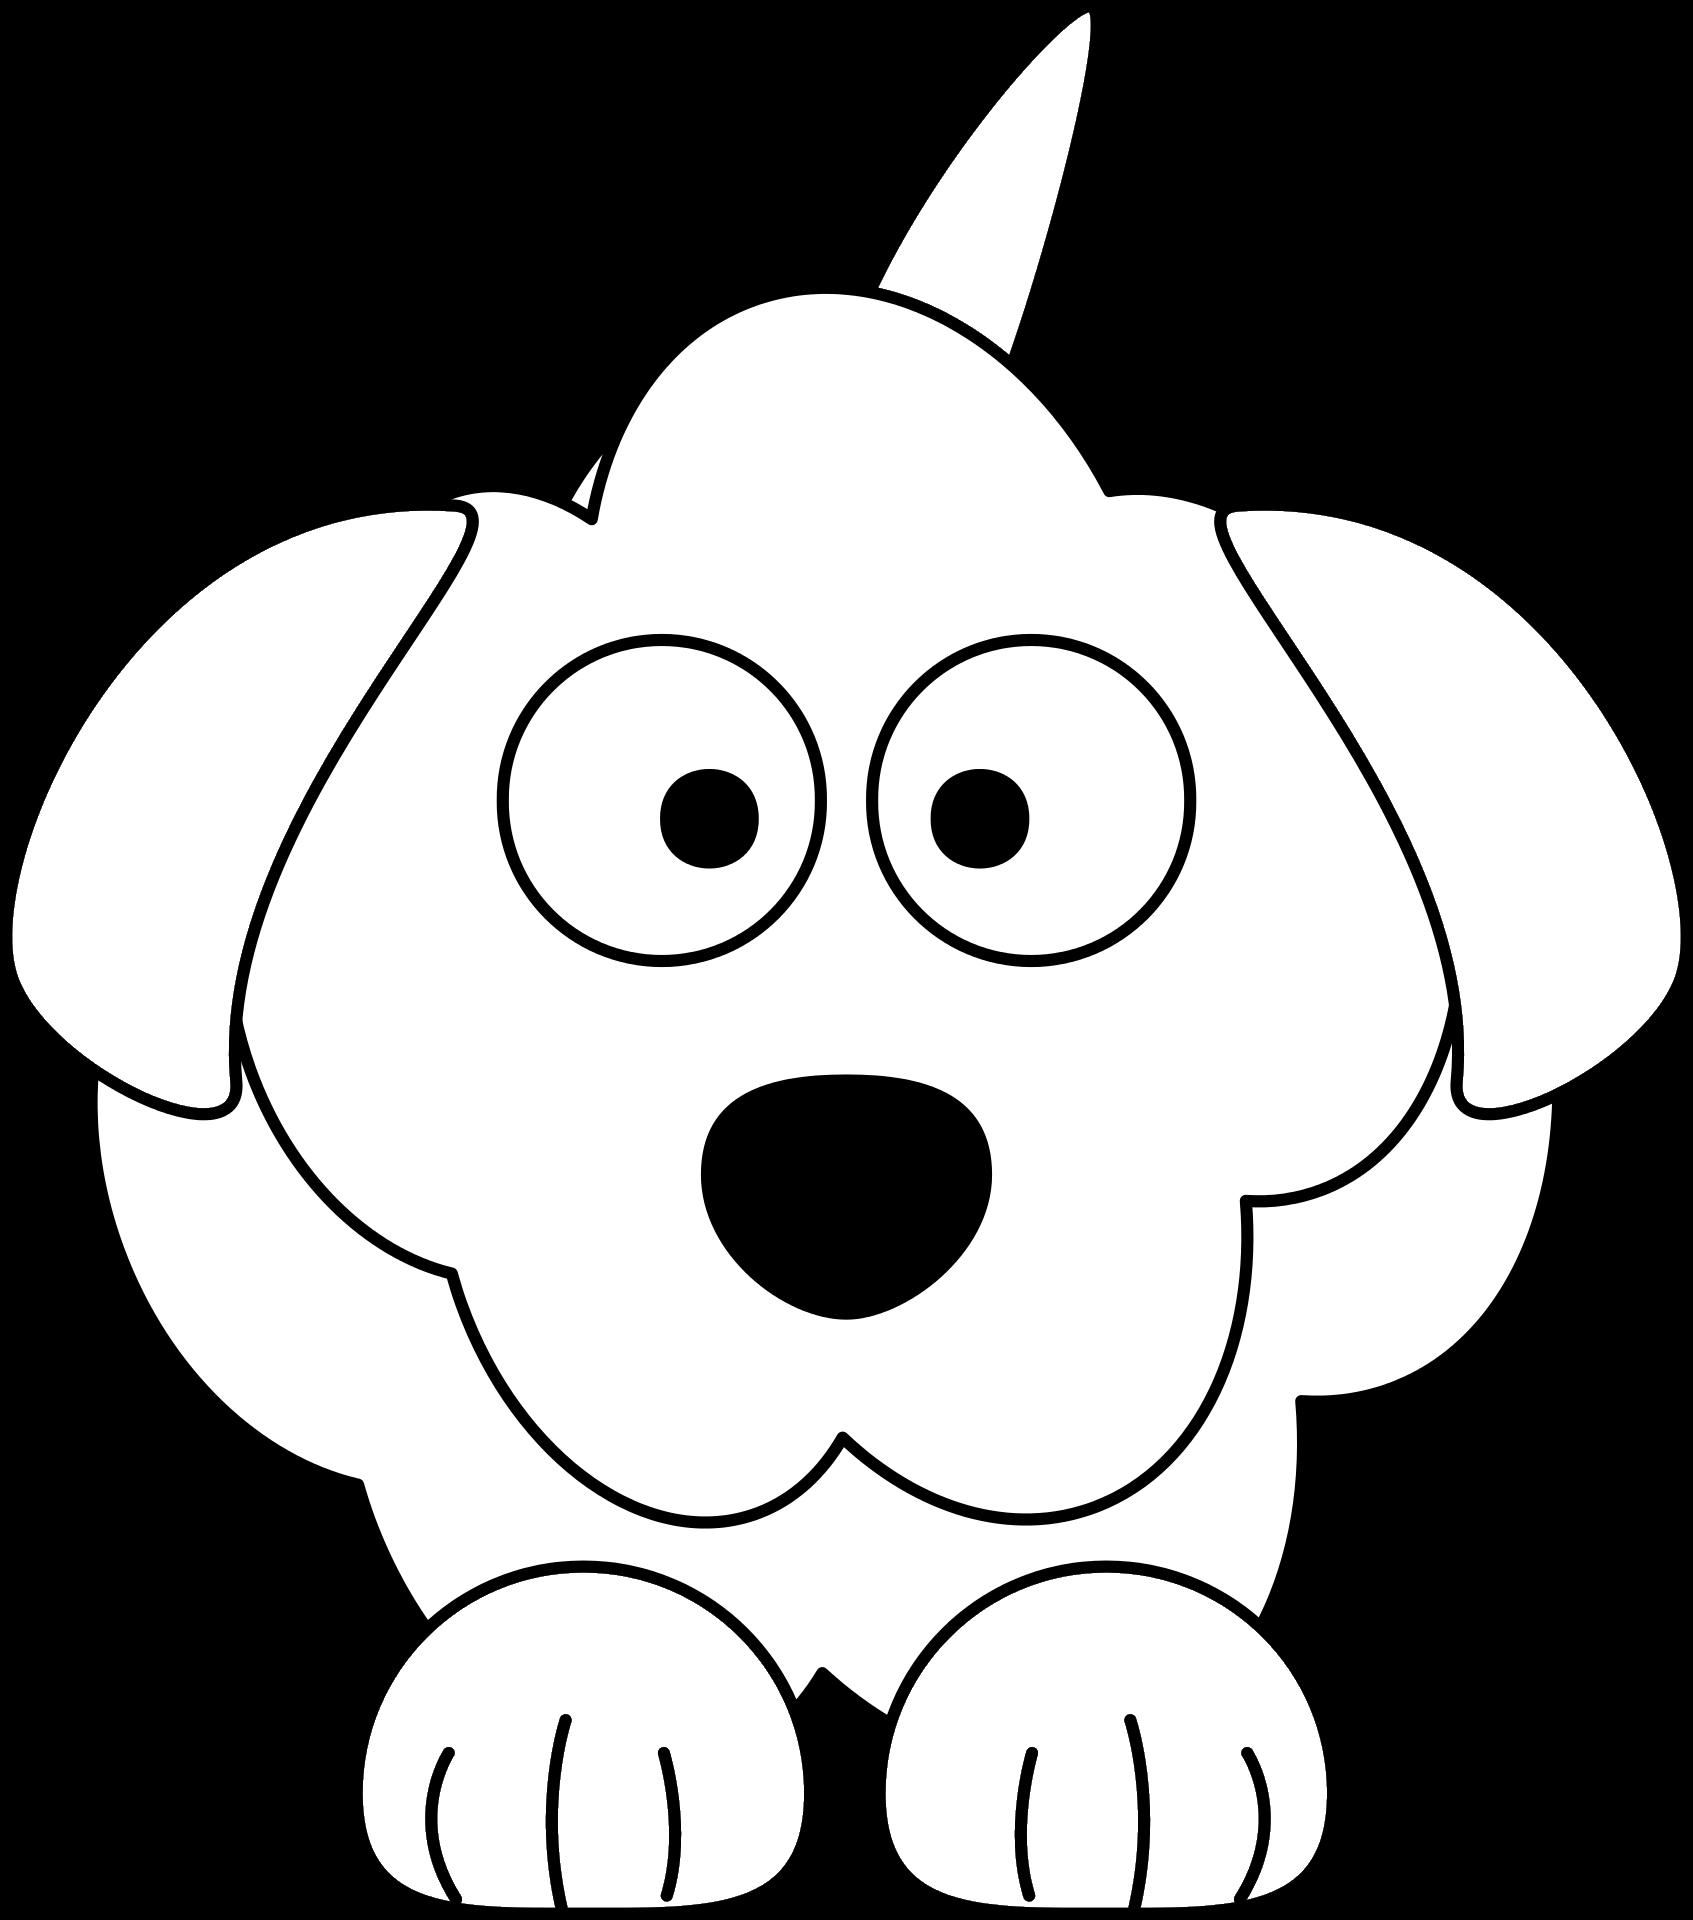 Kreskowkowy Pies Kolorowanka Do Druku